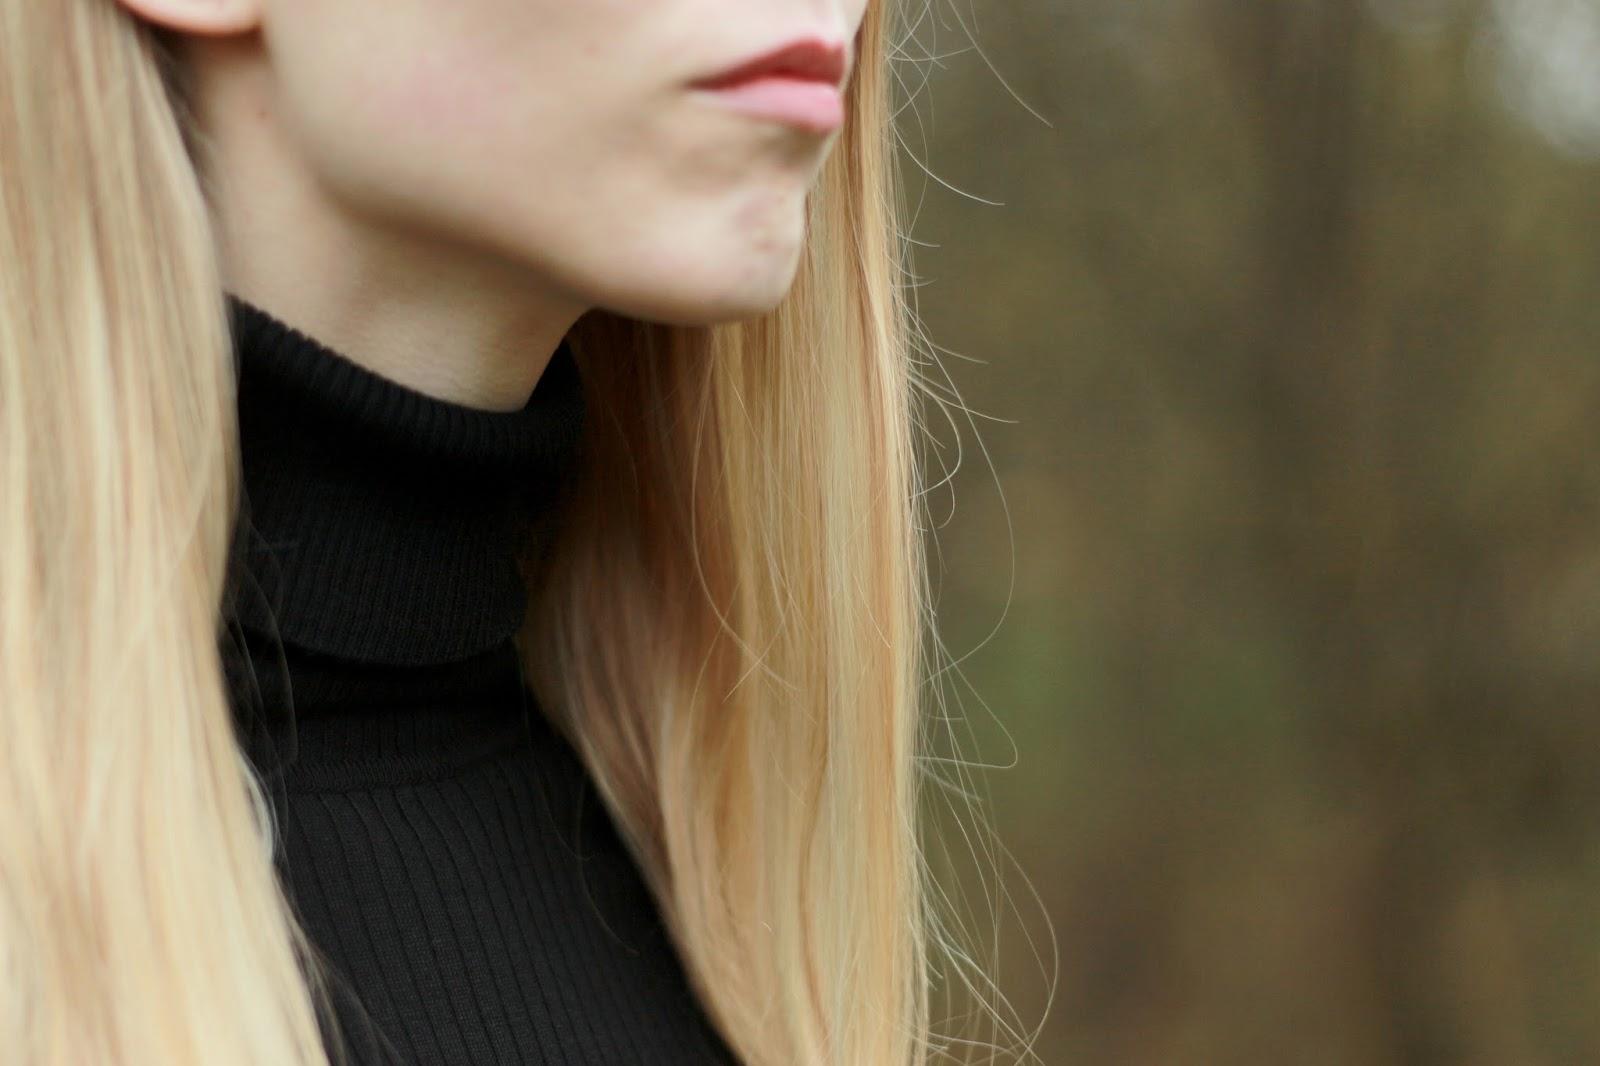 Appel & Ei zwarte midi jurkje halflange jurk winter feestdagen outfit rode pumps suede Sacha winterjurk